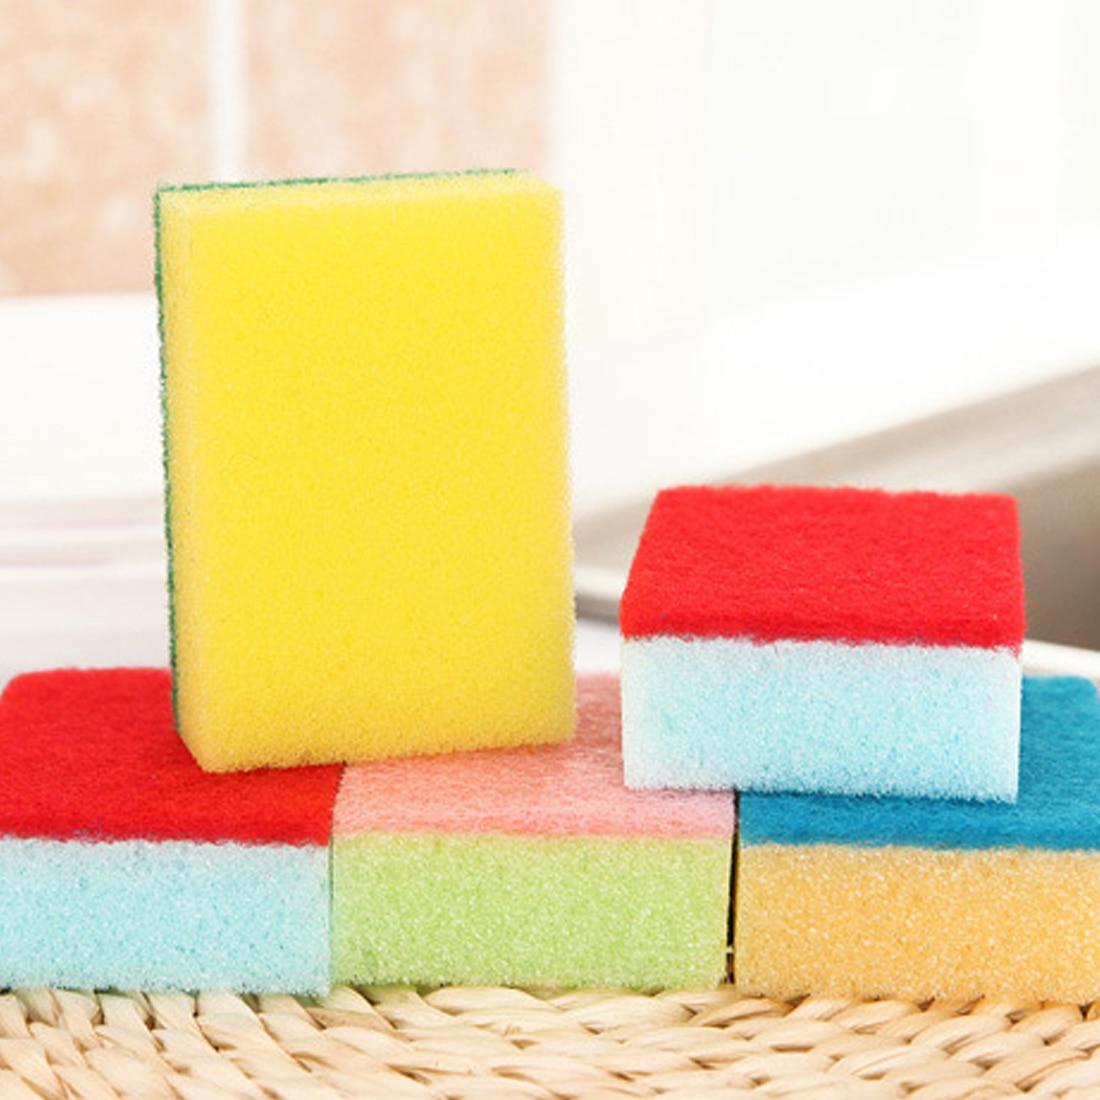 Специальные нано губки magic eraser для удаления ржавчины уборка хлопка наждачной губкой Кухня поставки удаления накипи чистке руб горшок